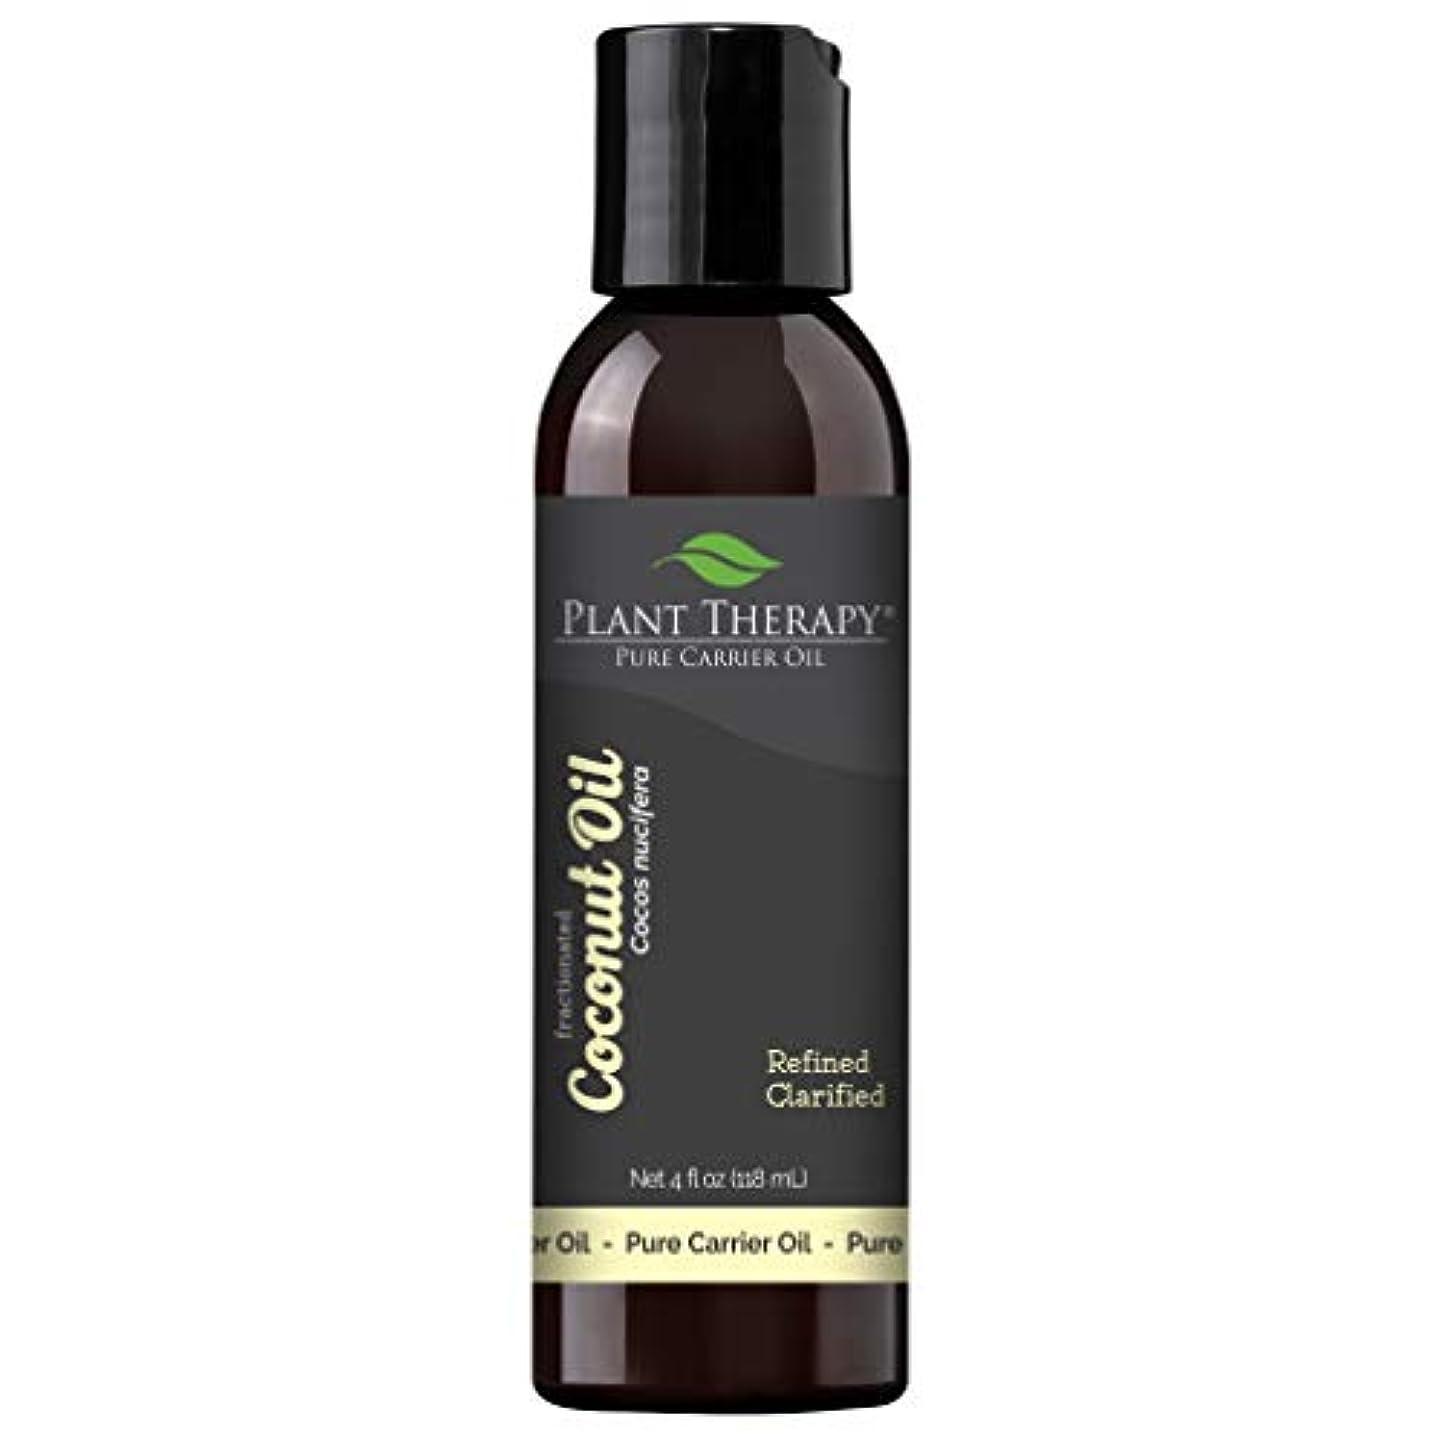 作りグリップ遺体安置所Plant Therapy Essential Oils (プラントセラピー エッセンシャルオイル) ココナッツ (分別蒸留) 4 オンス キャリアオイル